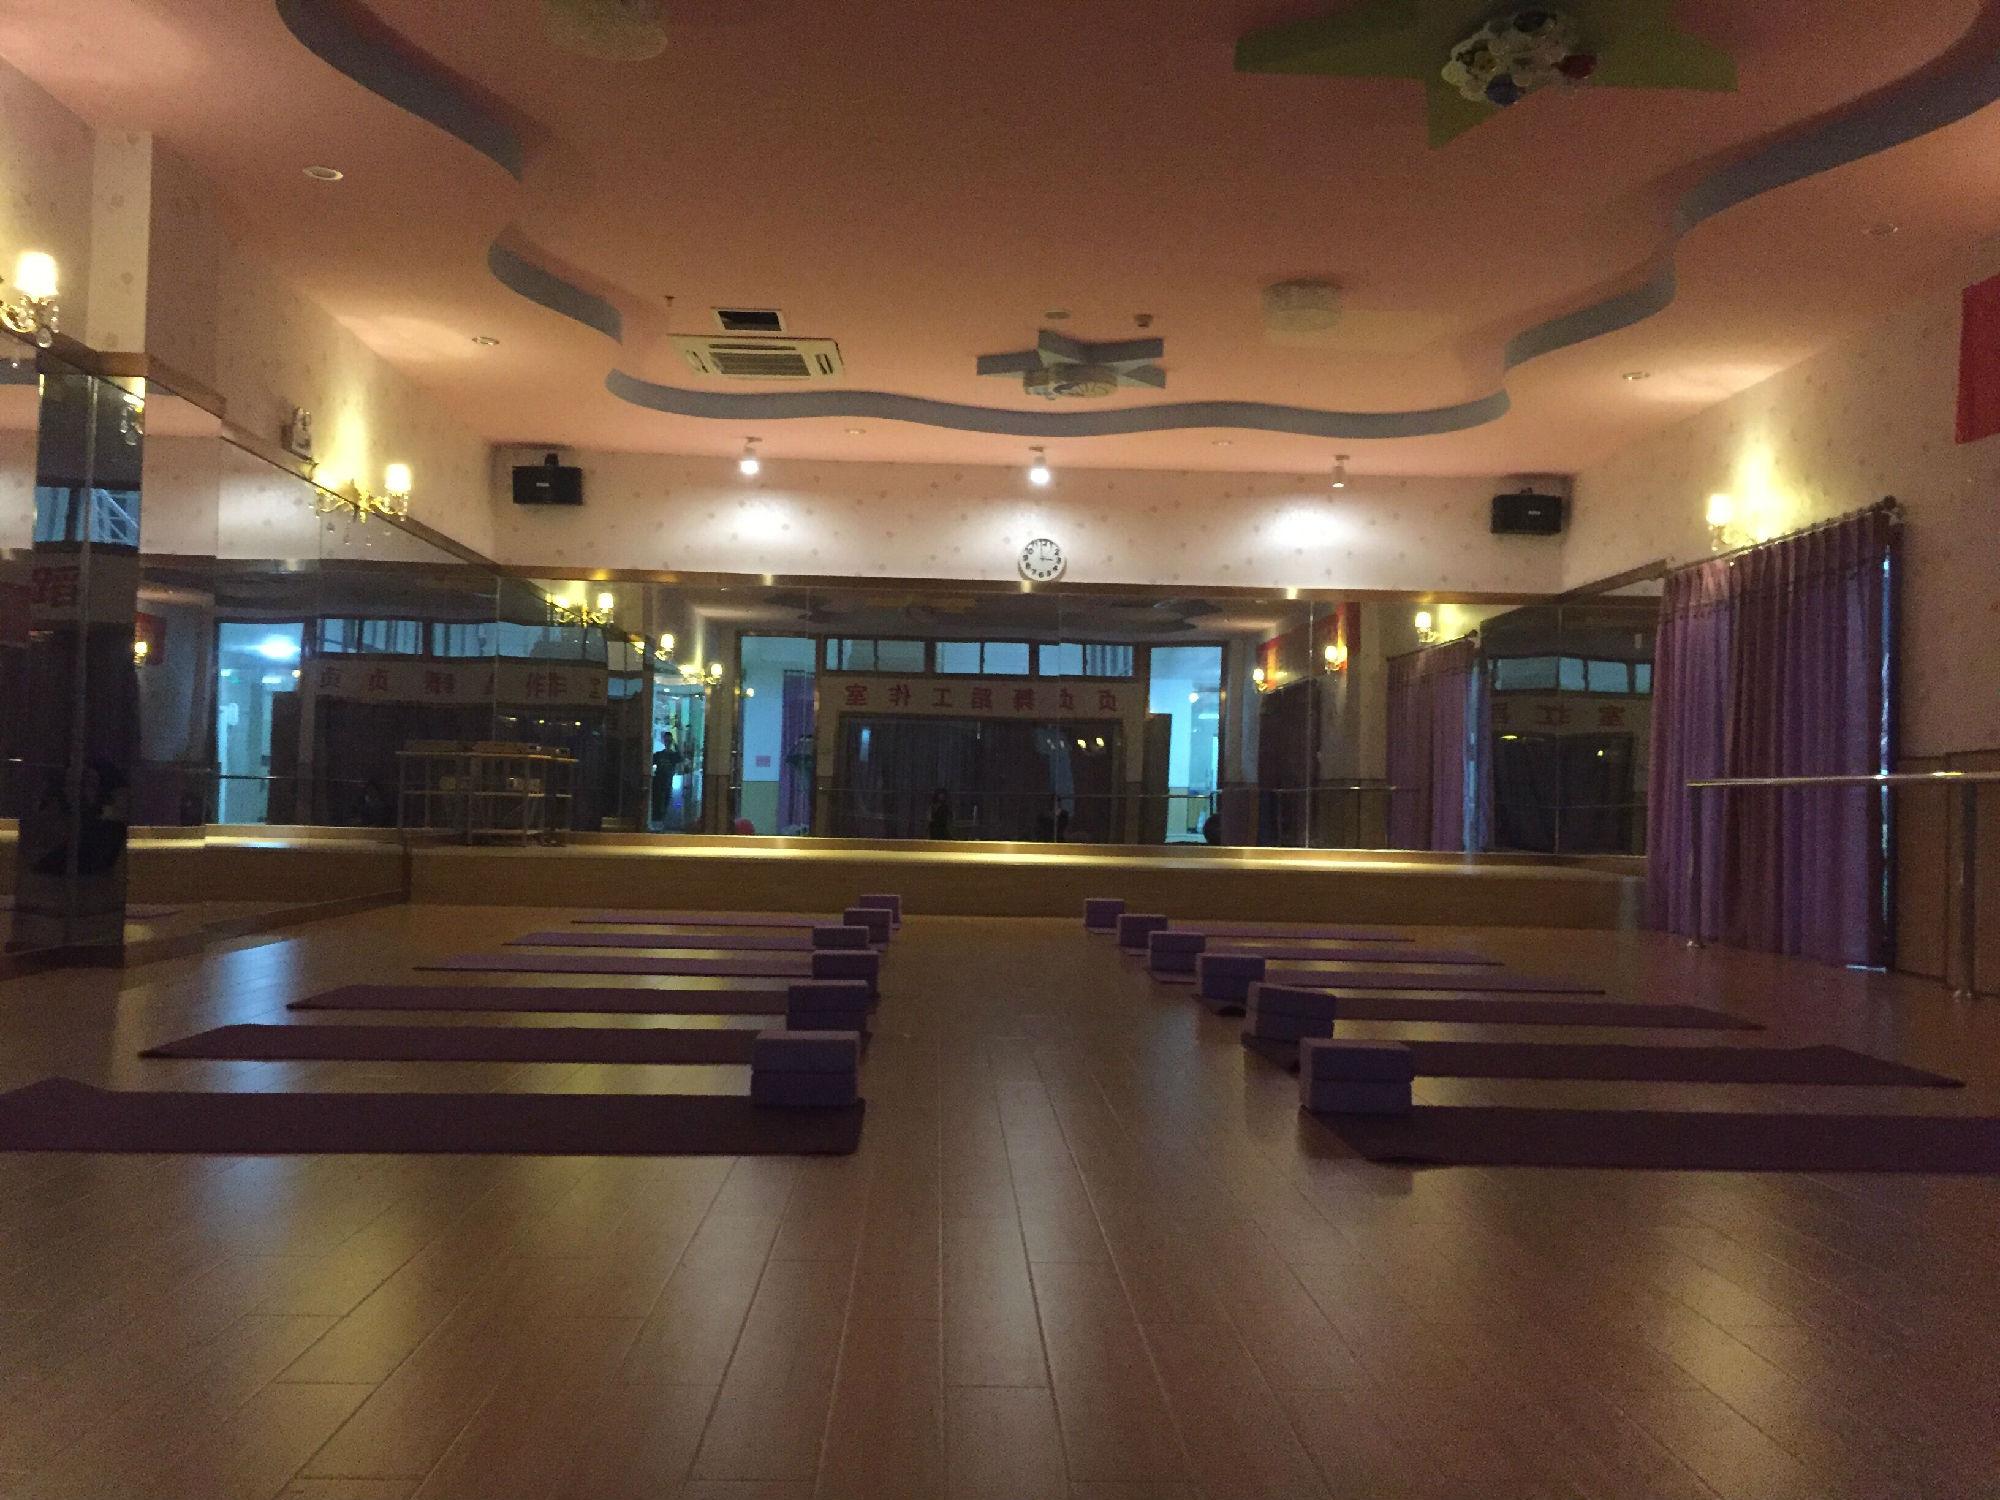 莆田市荔城区贞贞舞蹈工作室是莆田唯一一家和香港金豆苗国际教育集团合作的专业舞蹈工作室,包括肚皮舞(中东肚皮舞为主)、爵士舞、瑜伽、健美操、街舞等,拥有多位有多年从事专业舞蹈、瑜伽形体培训具备教学经验的优秀教练。 环境优势:贞贞舞蹈工作室坐落在香港金豆苗国际教育中心内部,配备德国Nabertherm空气循环系统,保证会馆内24小时享有新鲜空气,拥有独立更衣室、干净舒适的休闲区、免费wifi上网,周边树林环抱,拥有超大停车场,一体化客户体验,用环境打造态度。 舞馆图片: 相关视频: